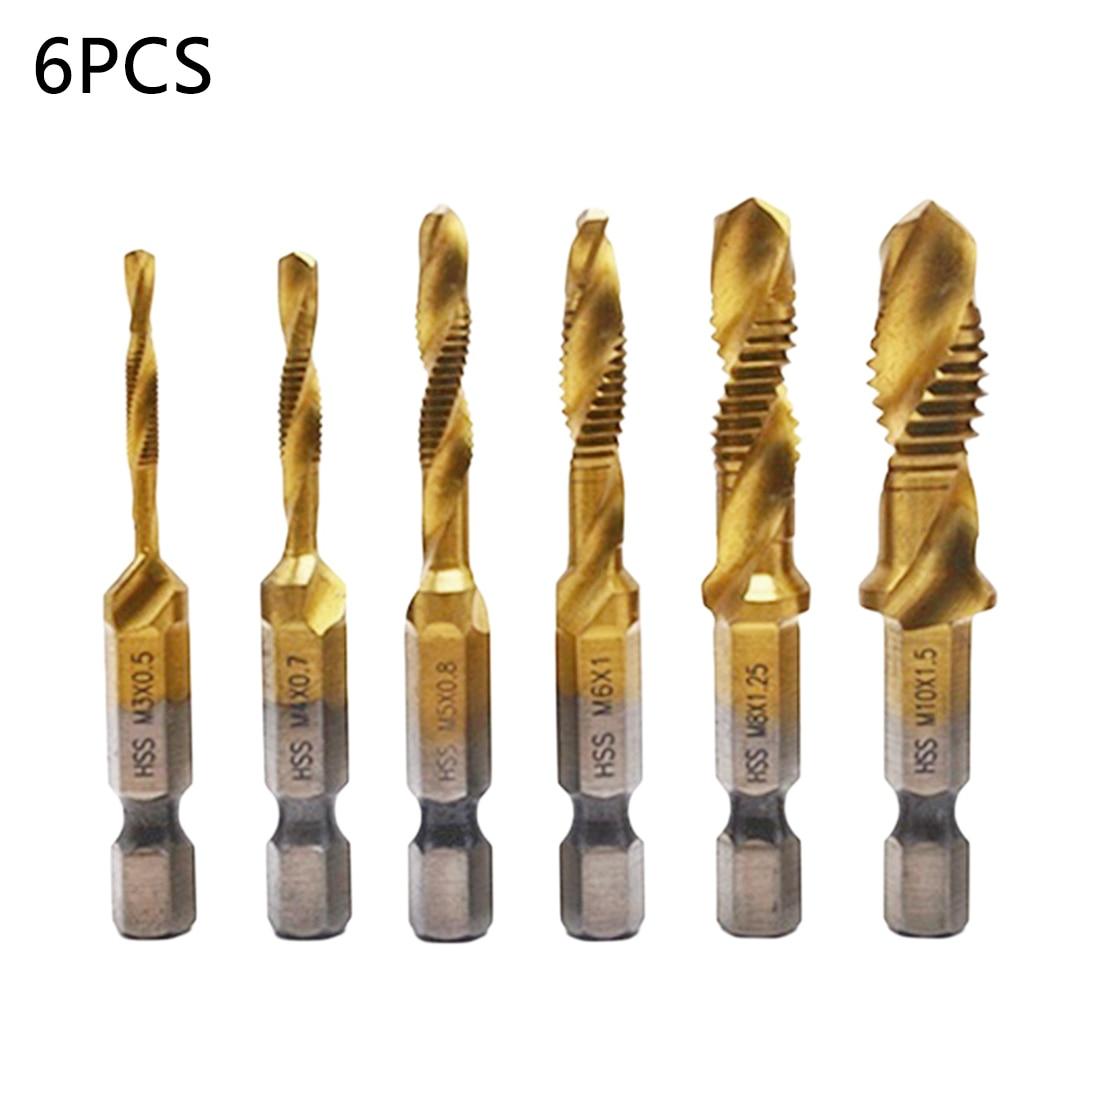 Hilfreich 6 Stücke M3 M4 M5 M6 M8 M10 Hss Bohrer Tap Hss Bohrer Metric Gewinde Spiral Screw1/ 4 hex Schaft Bits Set Power Tools Grade Produkte Nach QualitäT Handwerkzeuge